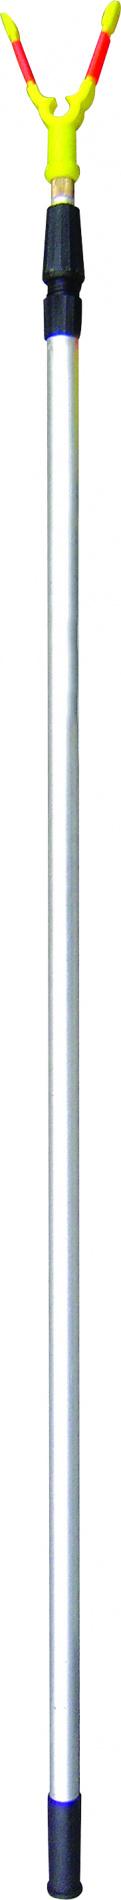 Подставка д/удочки SWD тел 1,8м (съемн.гол.,AL)(7410025)Держатели удочек, подставки, стойки<br>Телескопическая подставка для удилища. <br>Рабочая длина 0,9-1,8м, материал изготовления <br>стойки - алюминий. Удилищедержатель- съемный.<br>